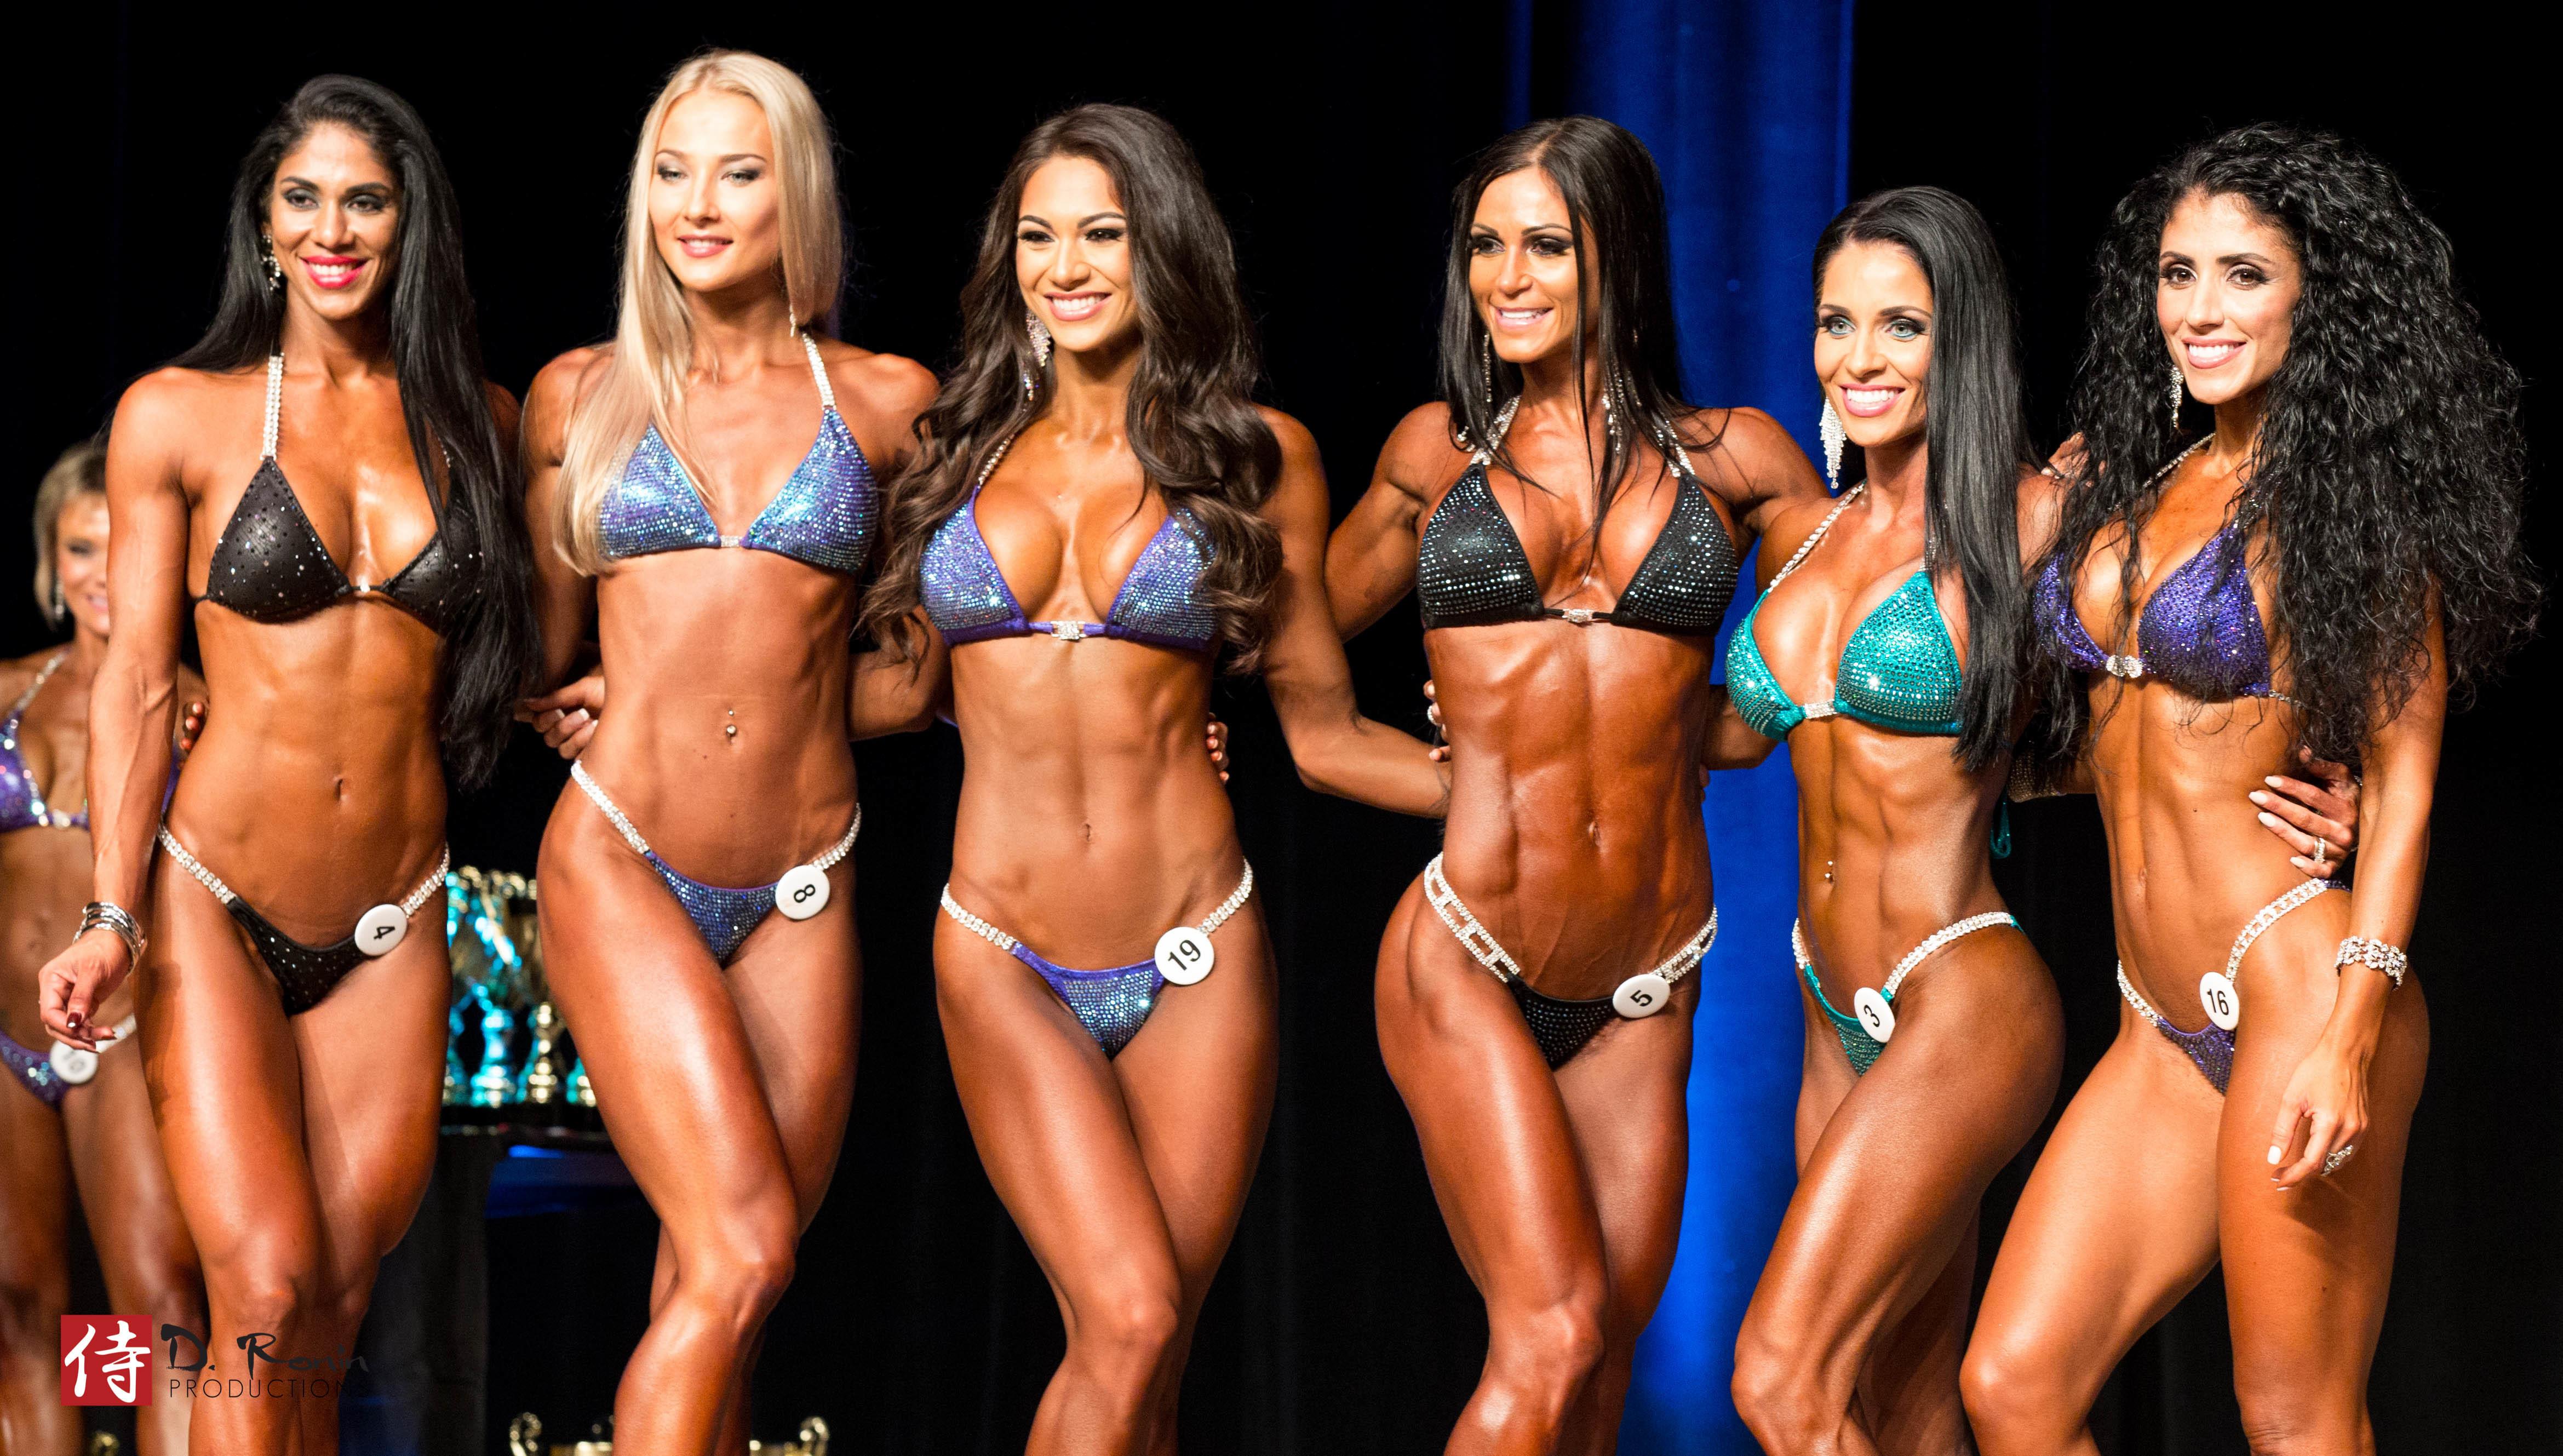 Pro Bikini Competitors